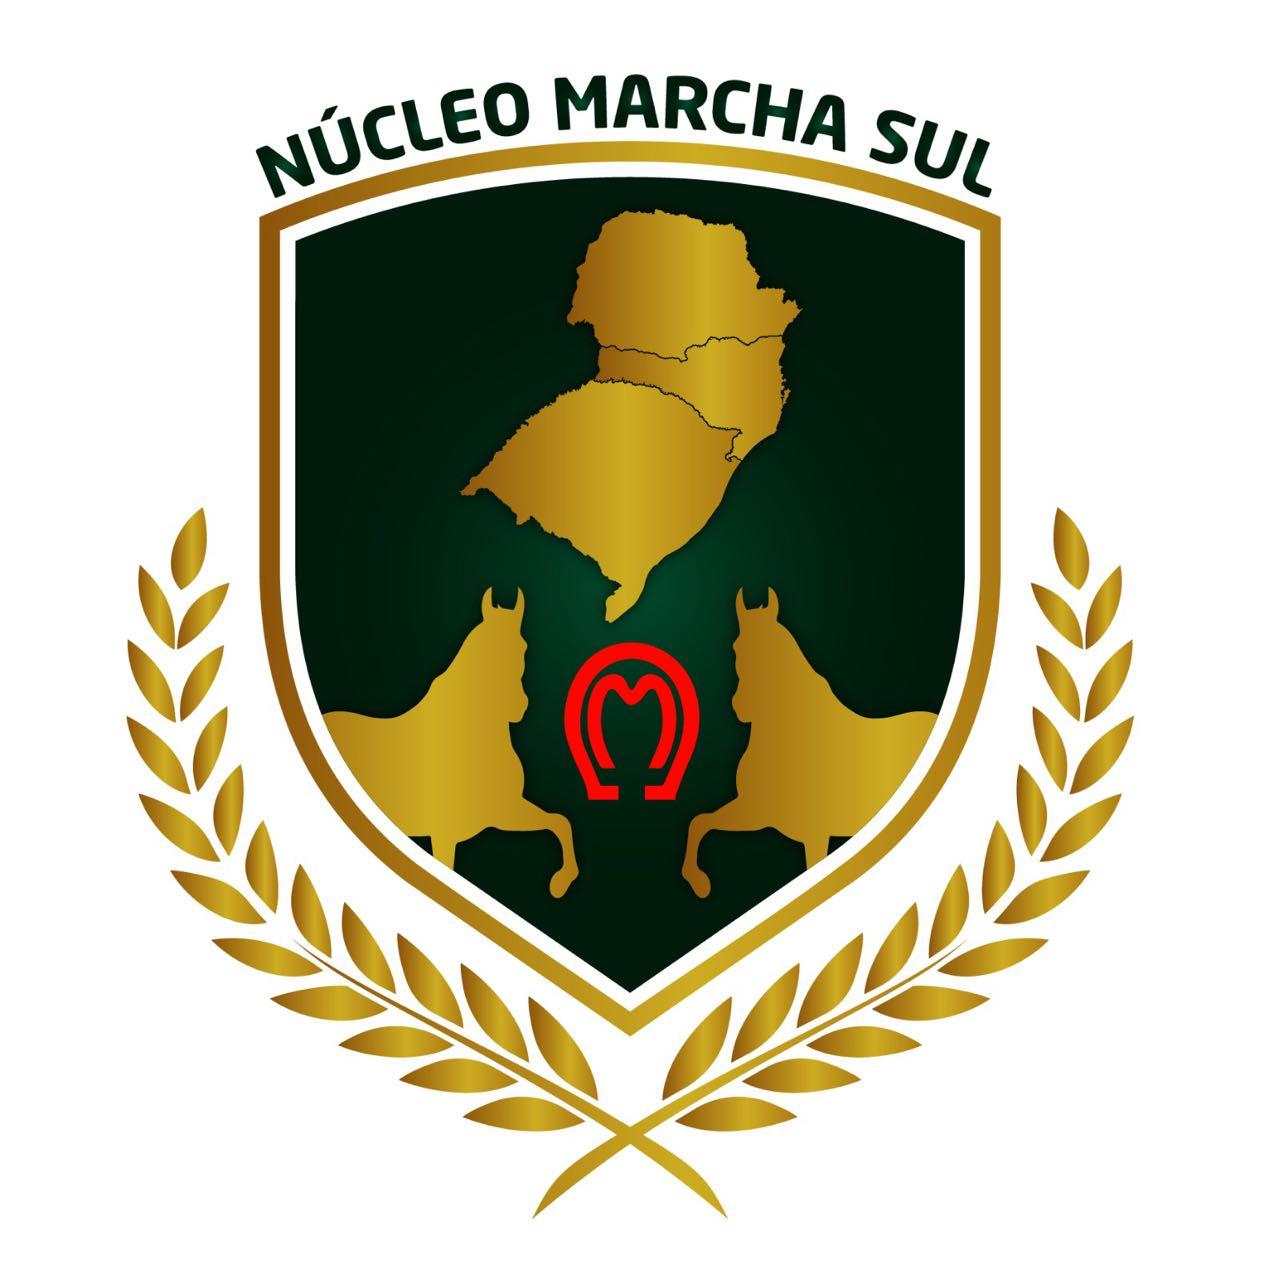 Núcleo Marcha Sul